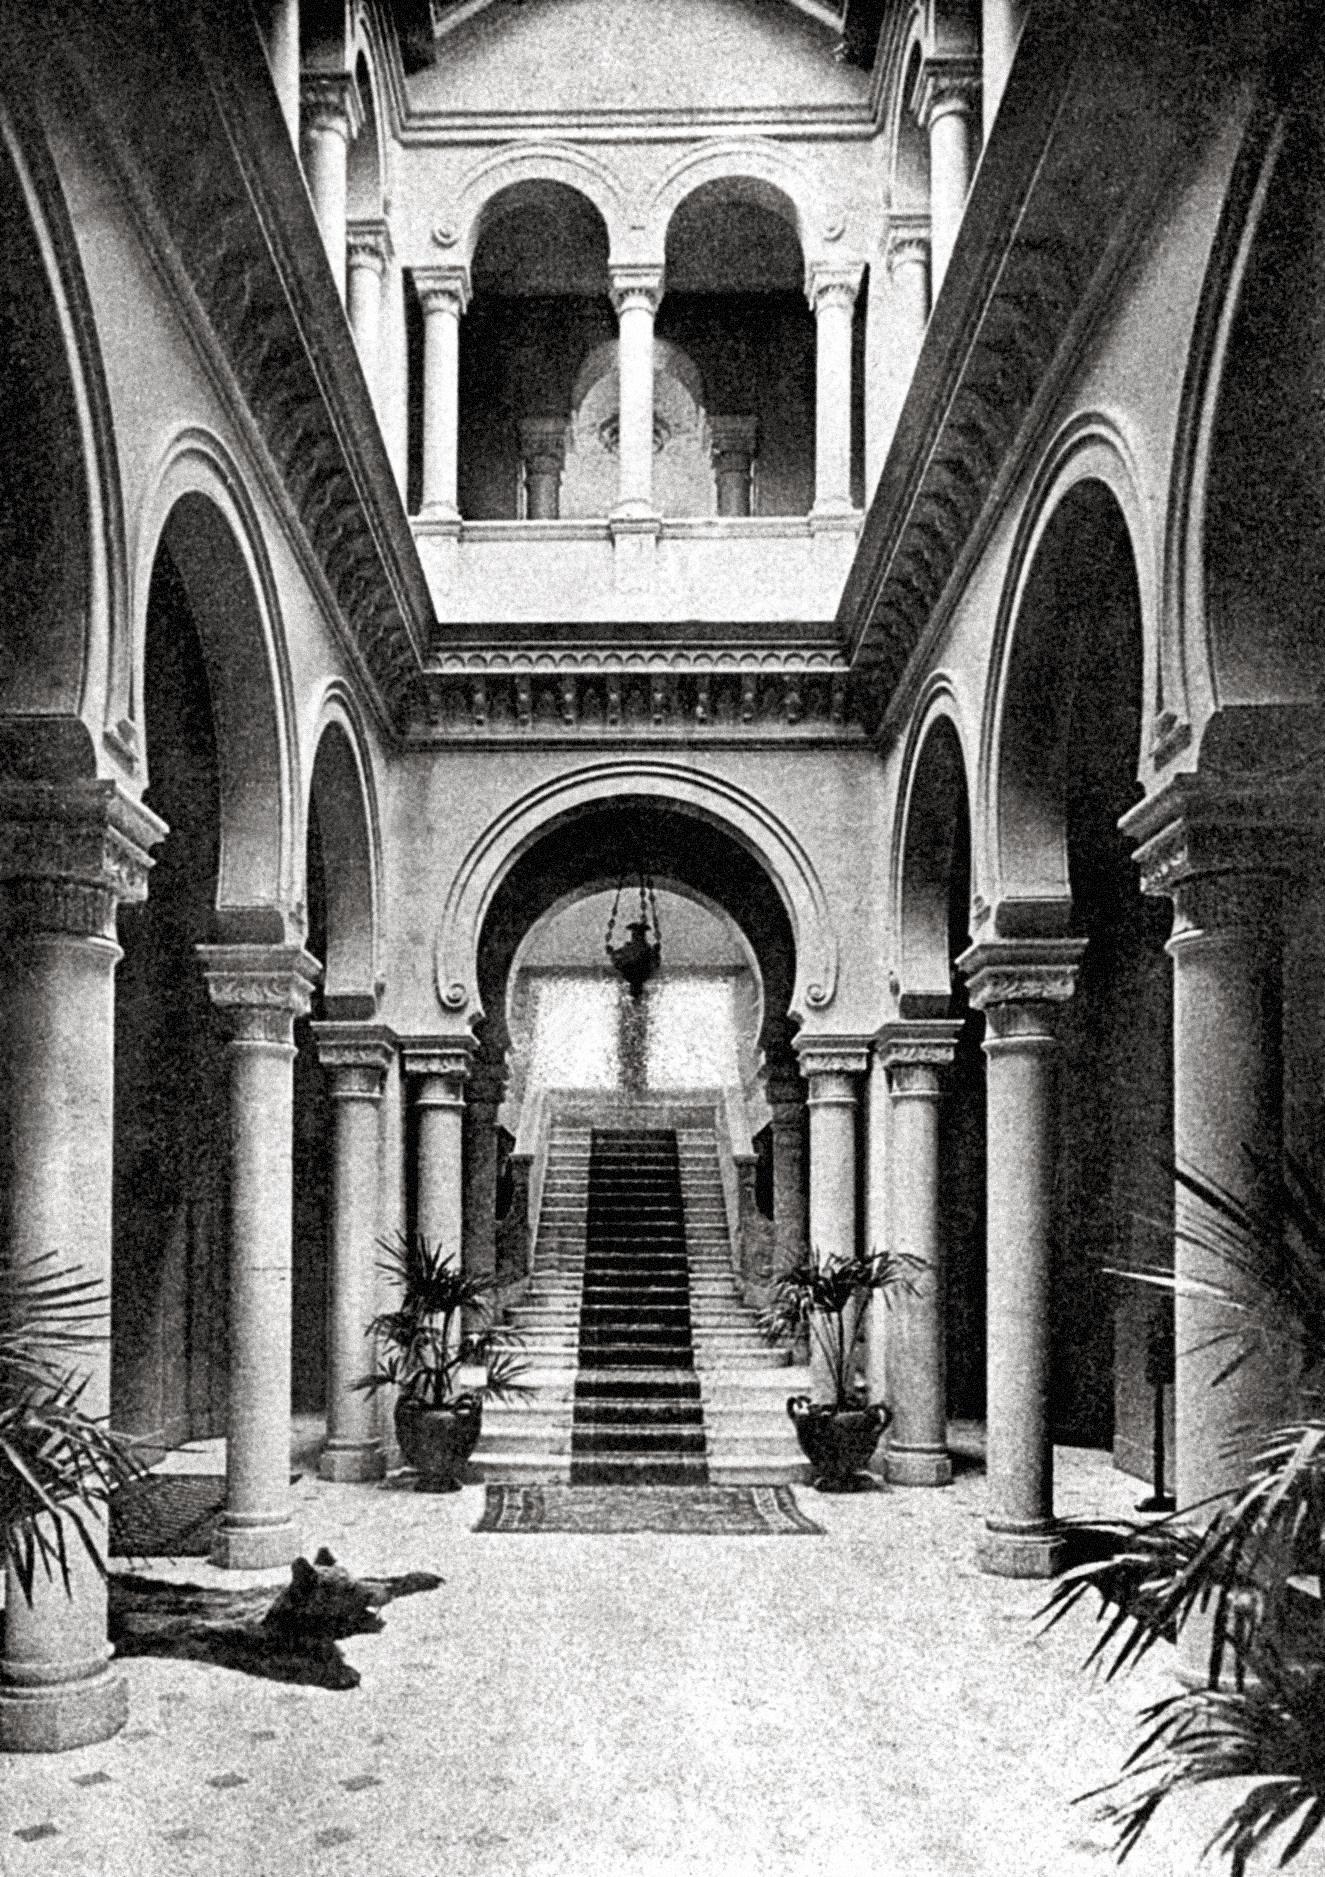 Le jardin d'hiver de la colossale villa Orlamonde, plus connue sous le nom de Maeterlinck.